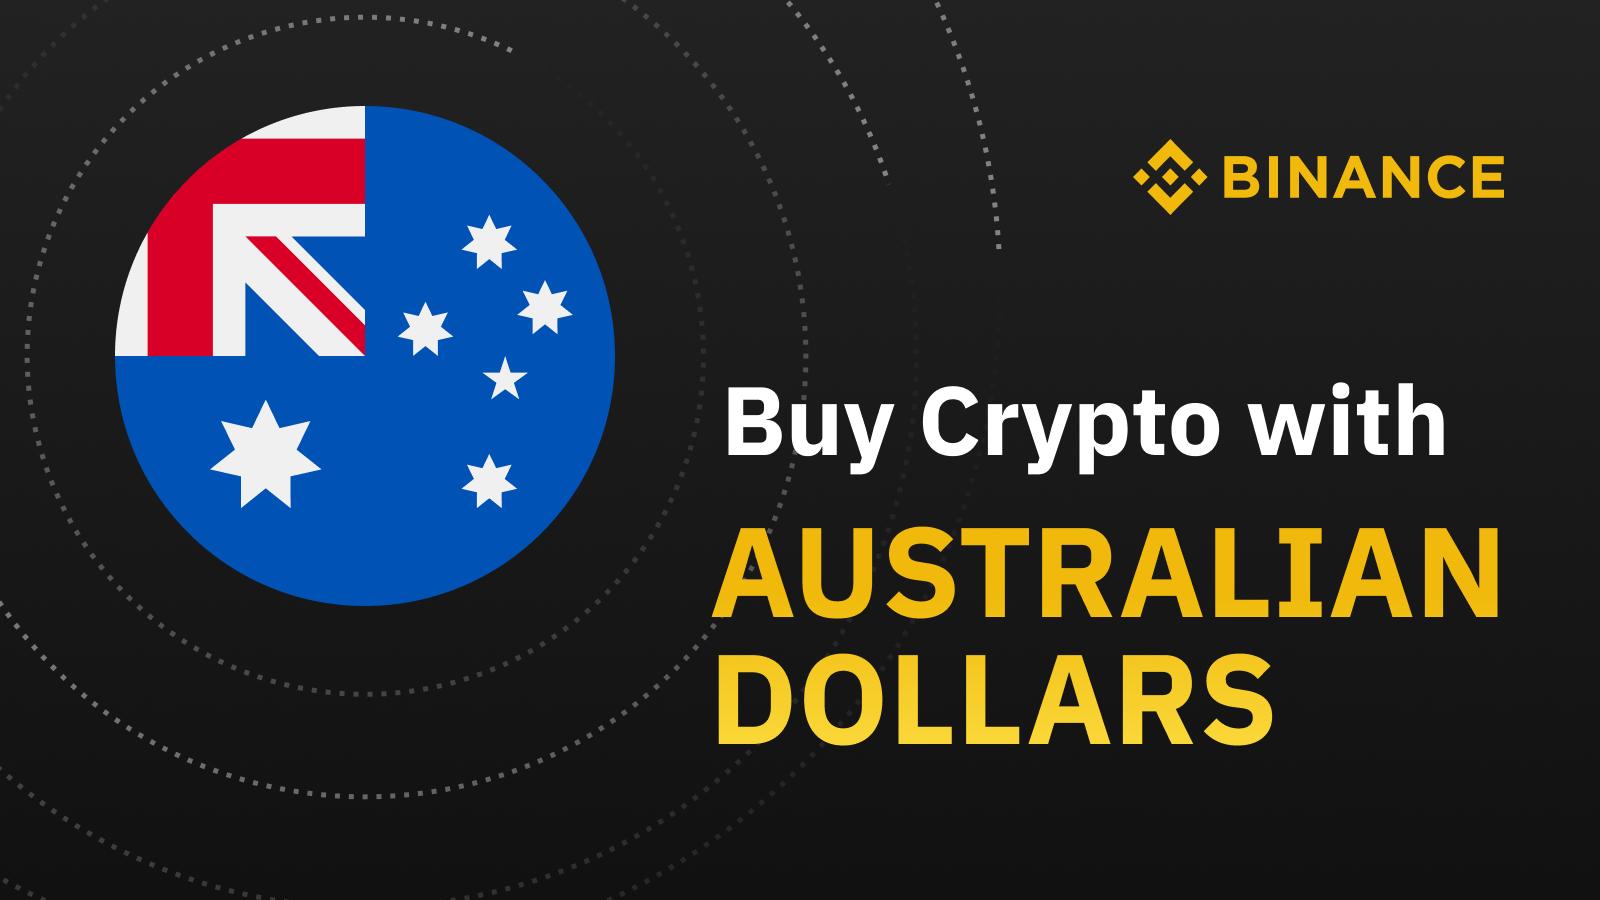 ตลาด Binance ประกาศ รองรับเงินดอลลาร์ออสเตรเลียและเงินบาทแล้ว